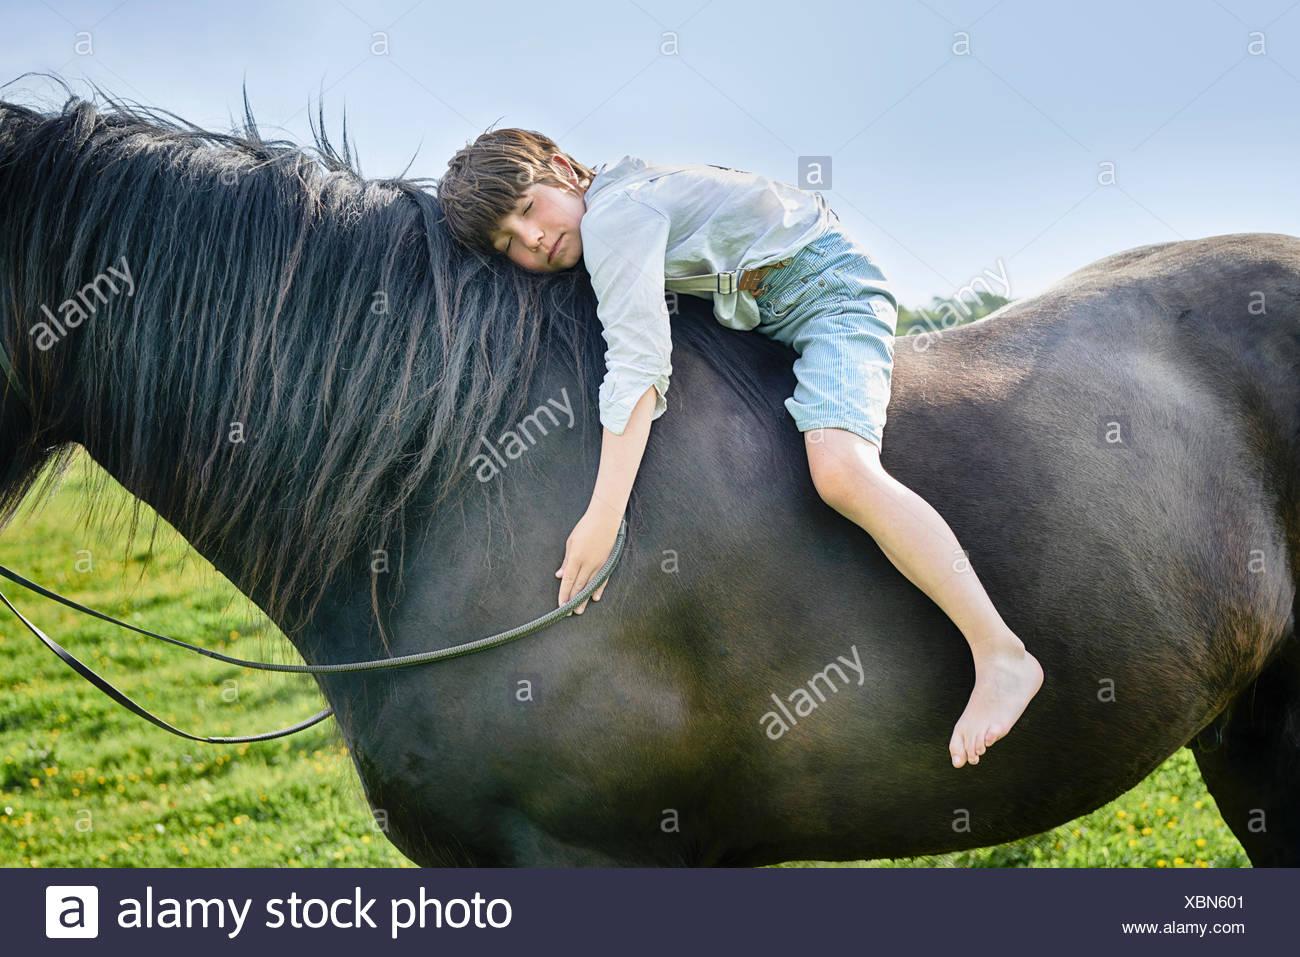 Schuss des jungen nach vorne gelehnt, mit geschlossenen Augen auf Pferd im Feld abgeschnitten Stockbild